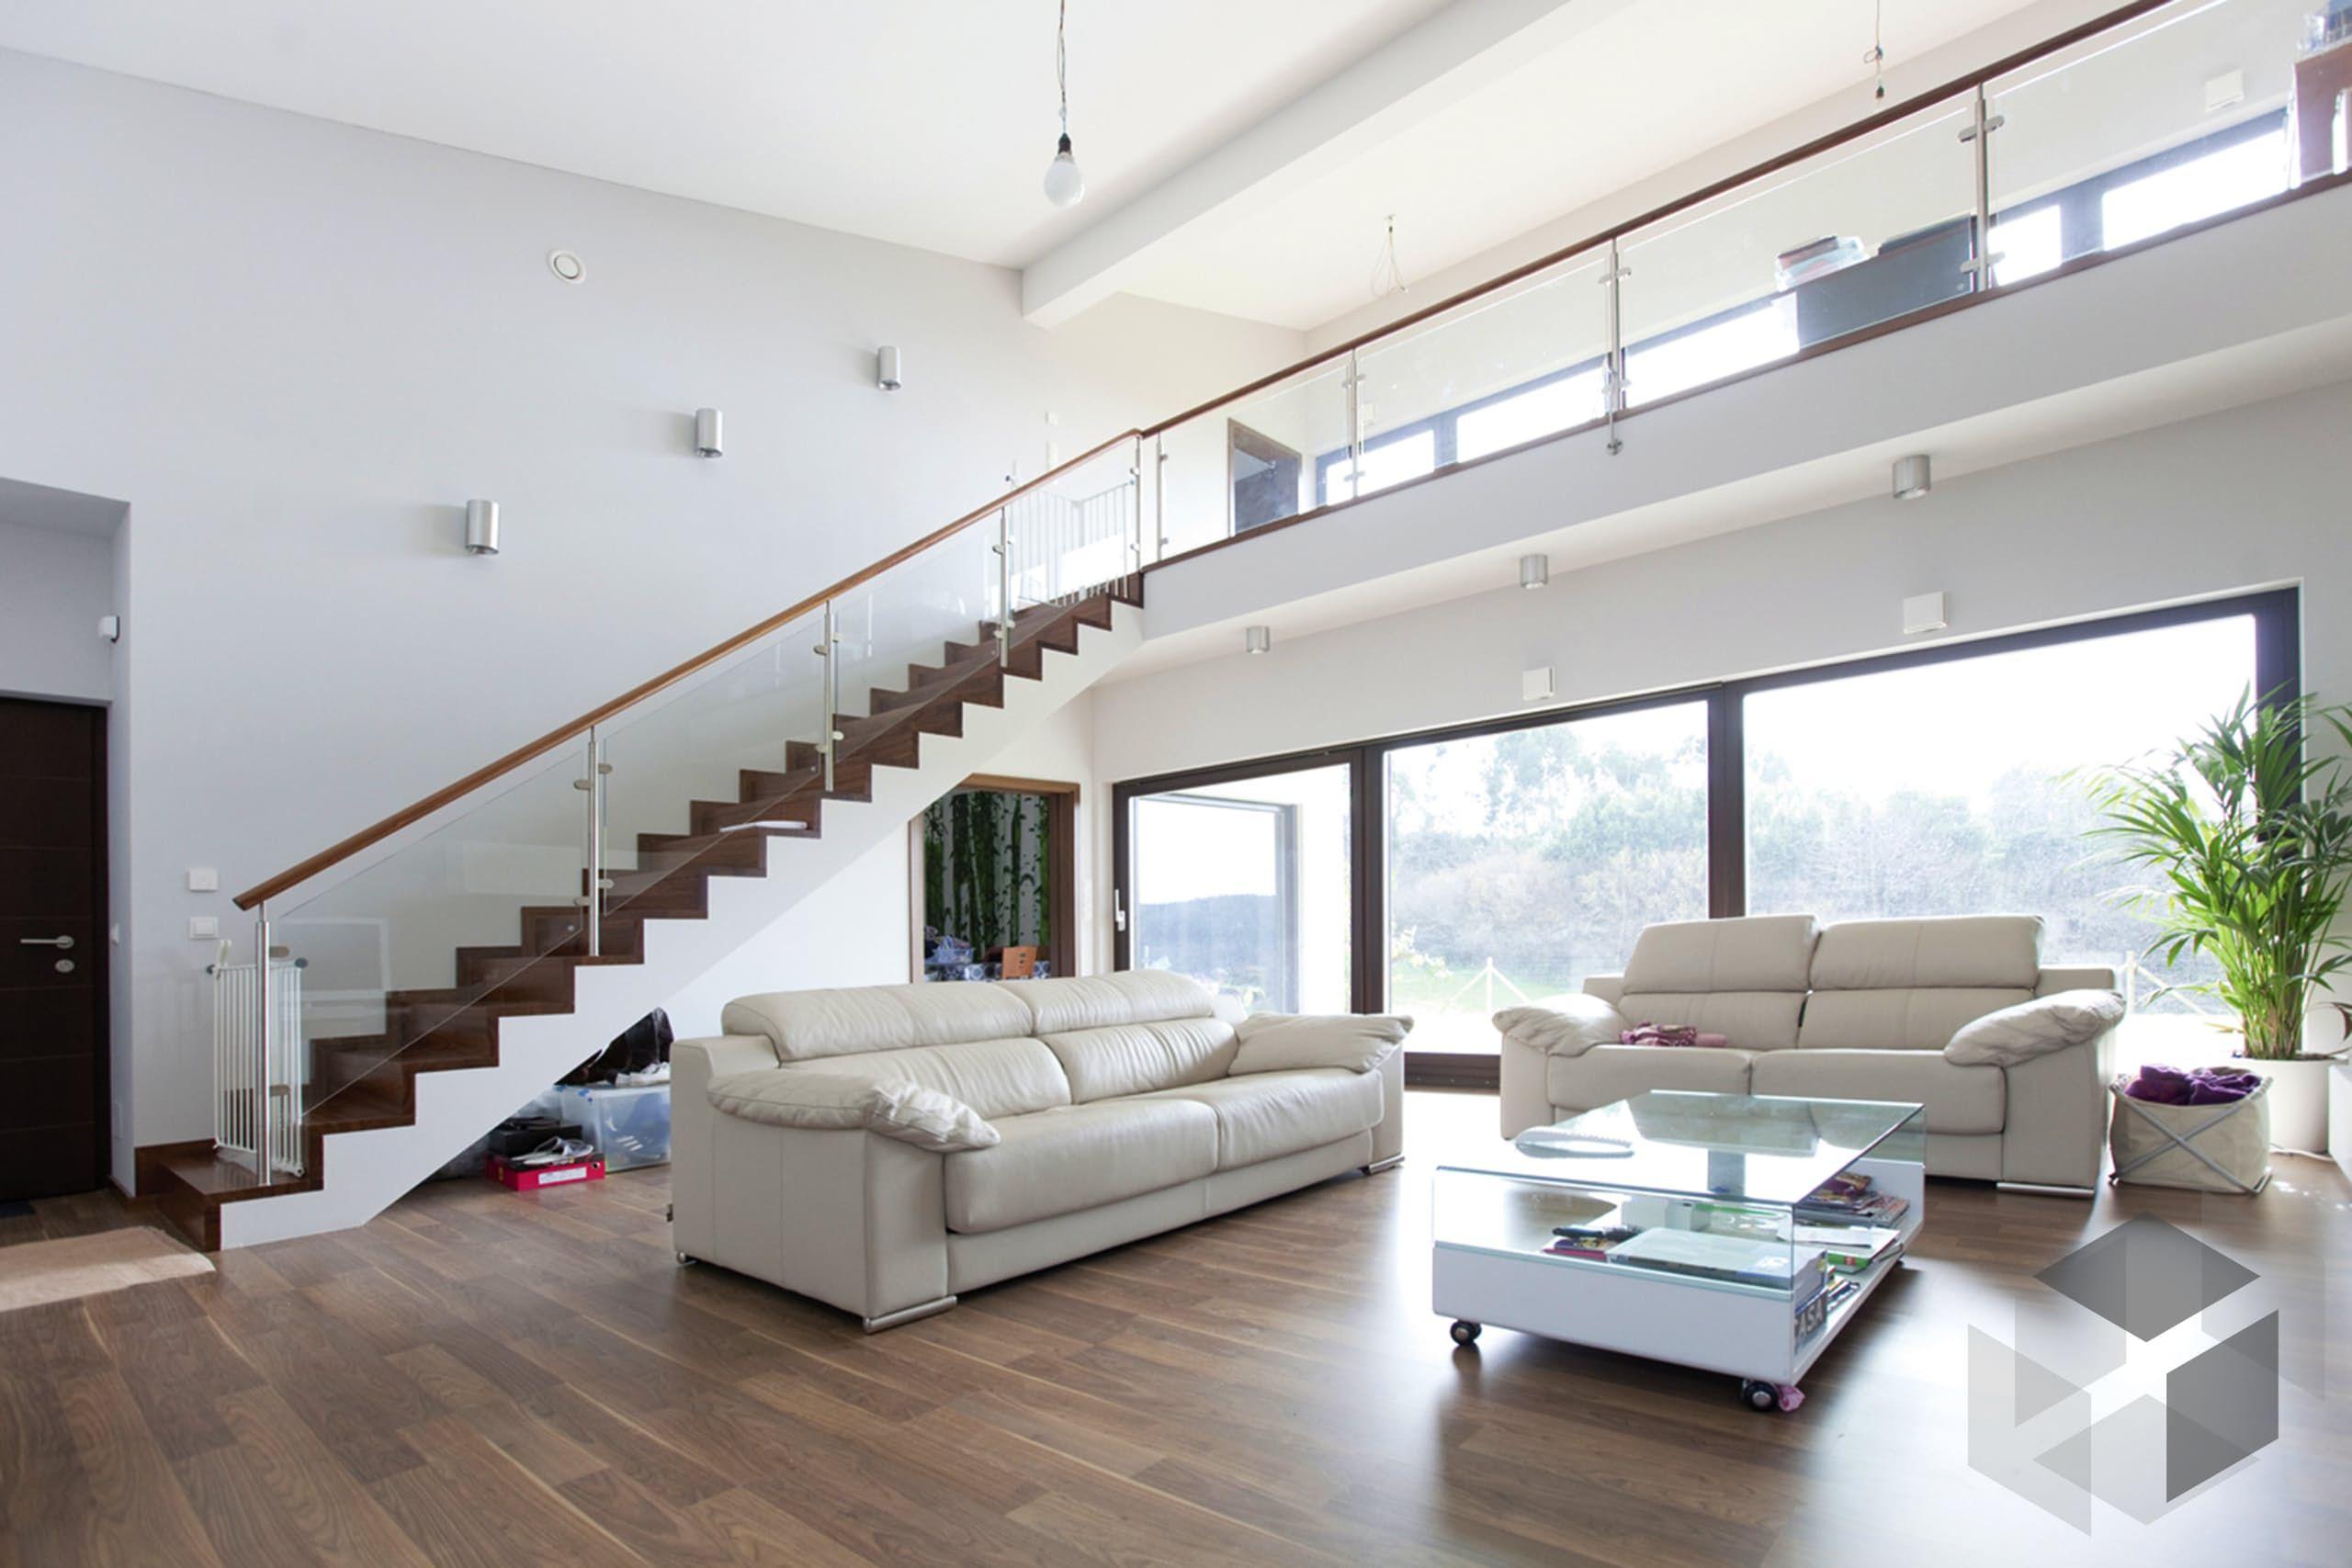 Wohnzimmer mit Galerie von WolfHaus Alle Infos zum Haus